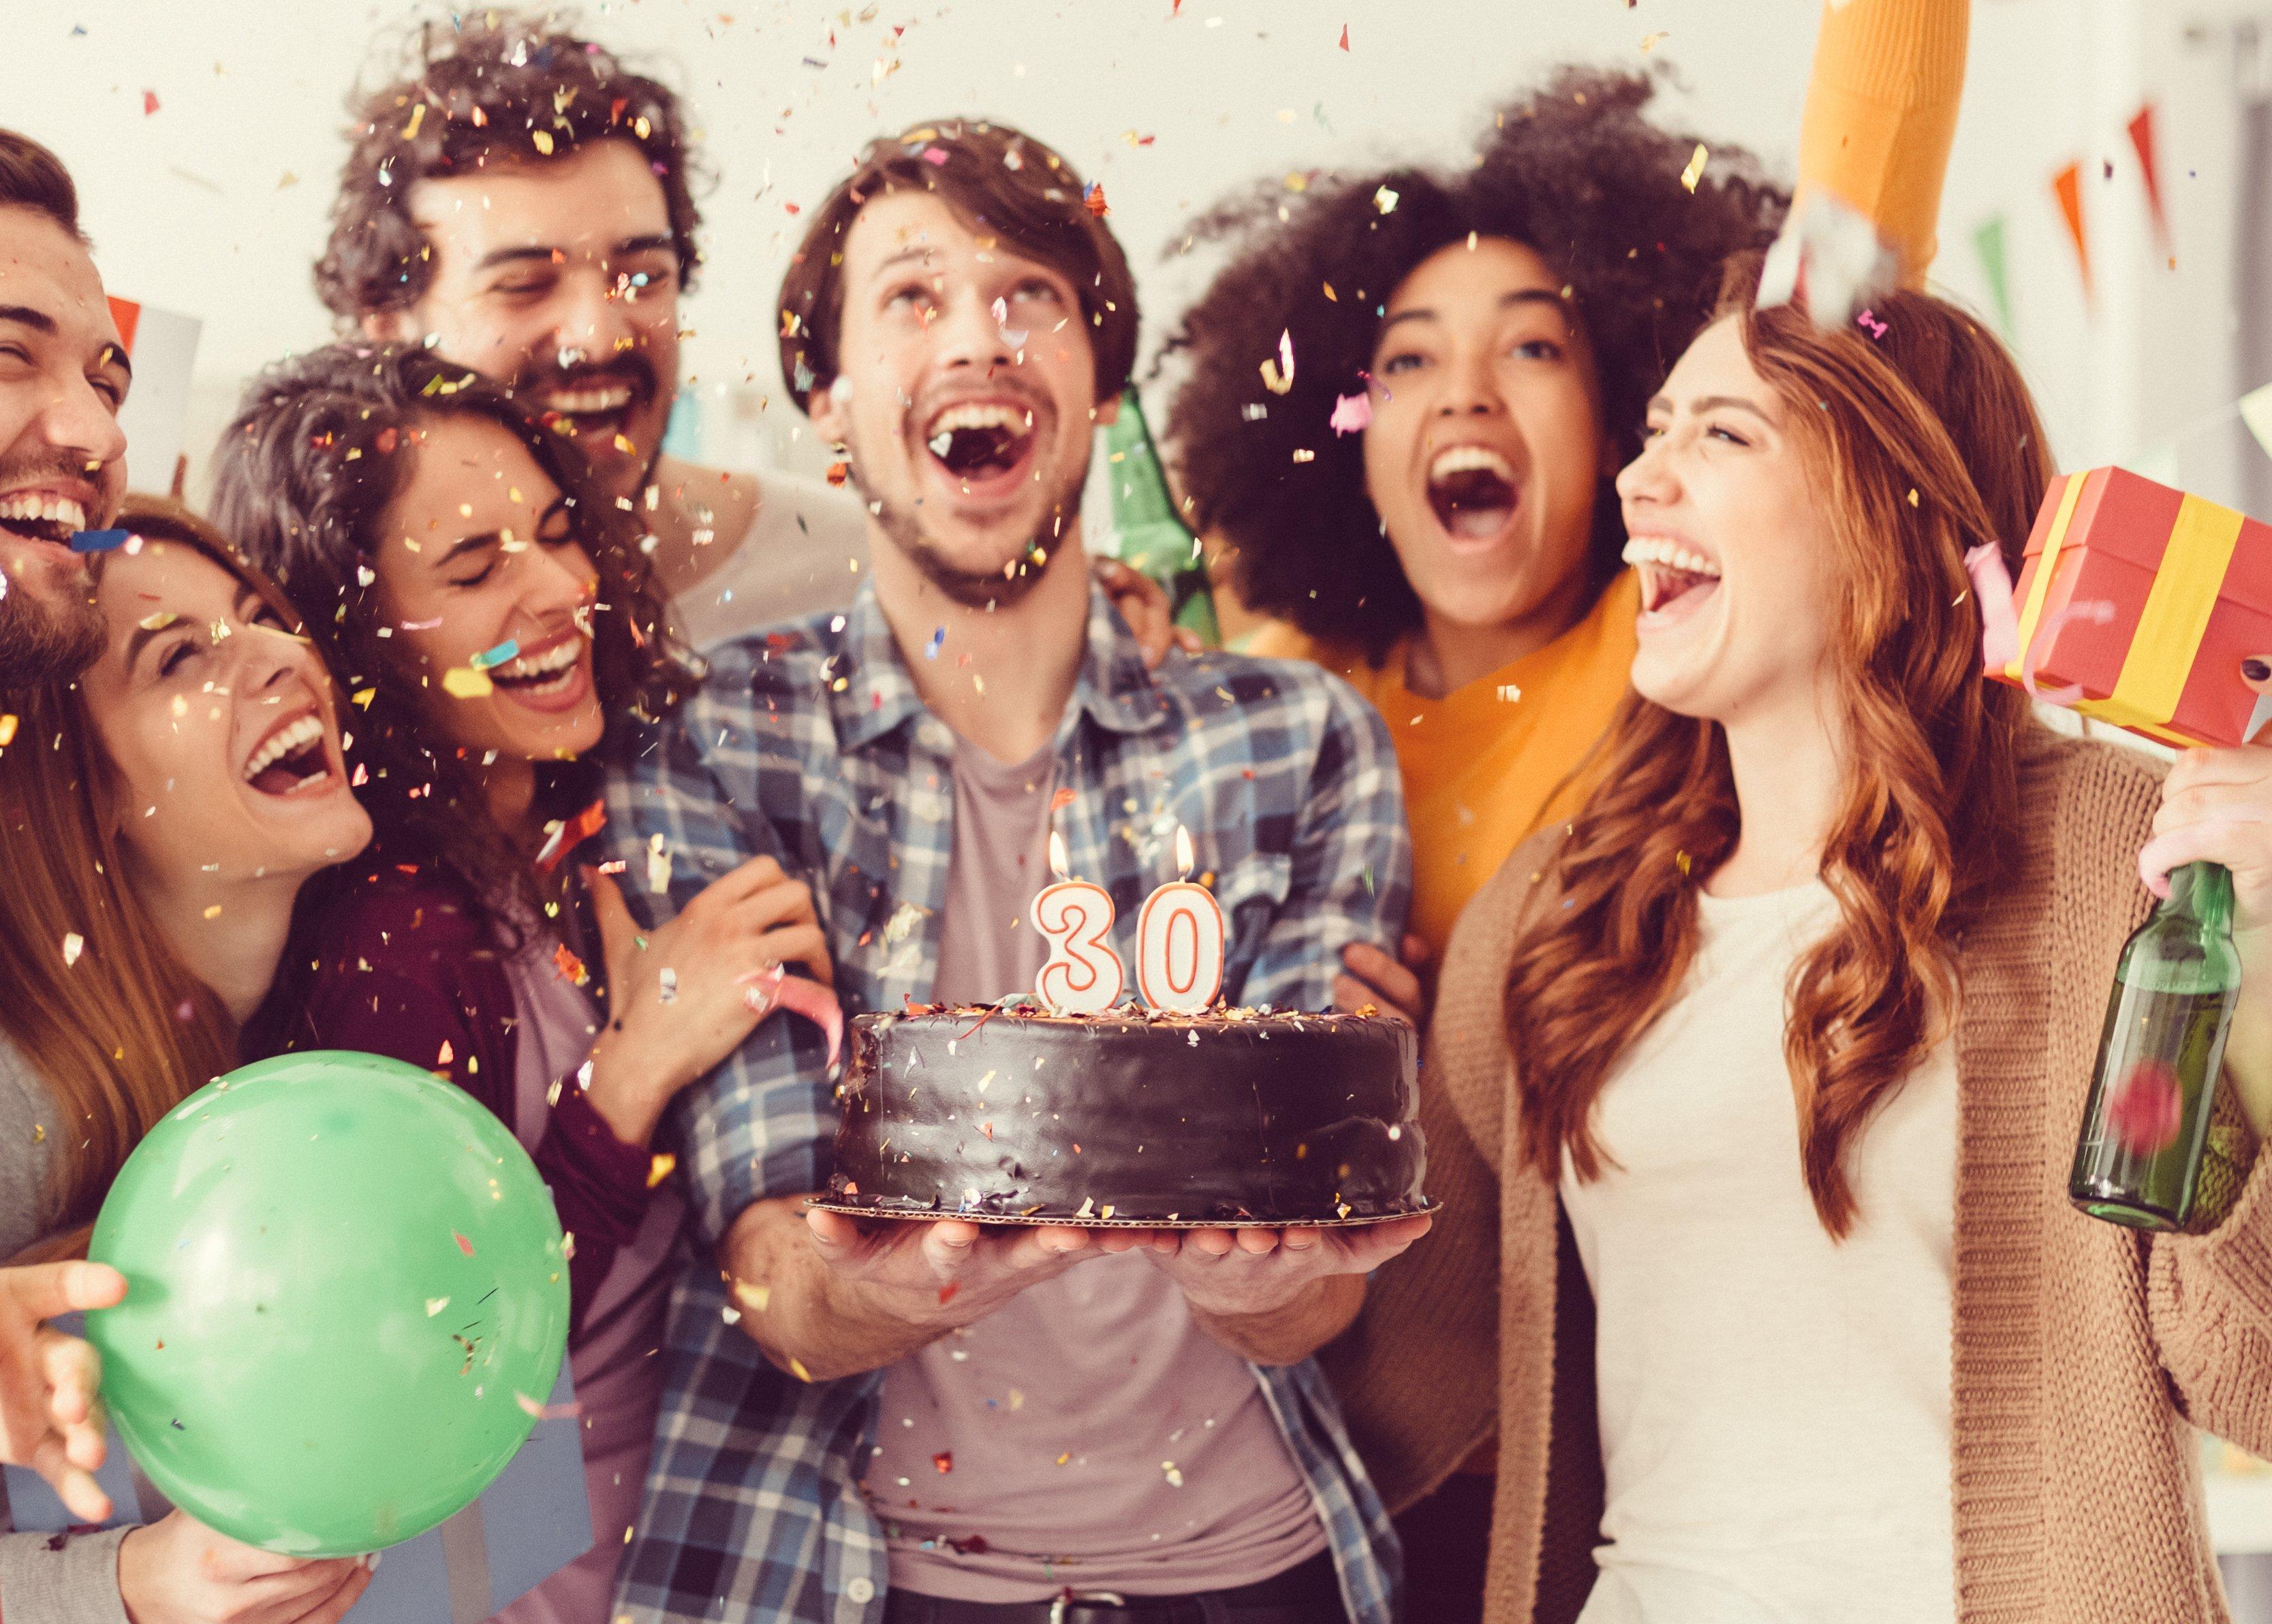 Un grupo de personas celebrando un cumpleaños